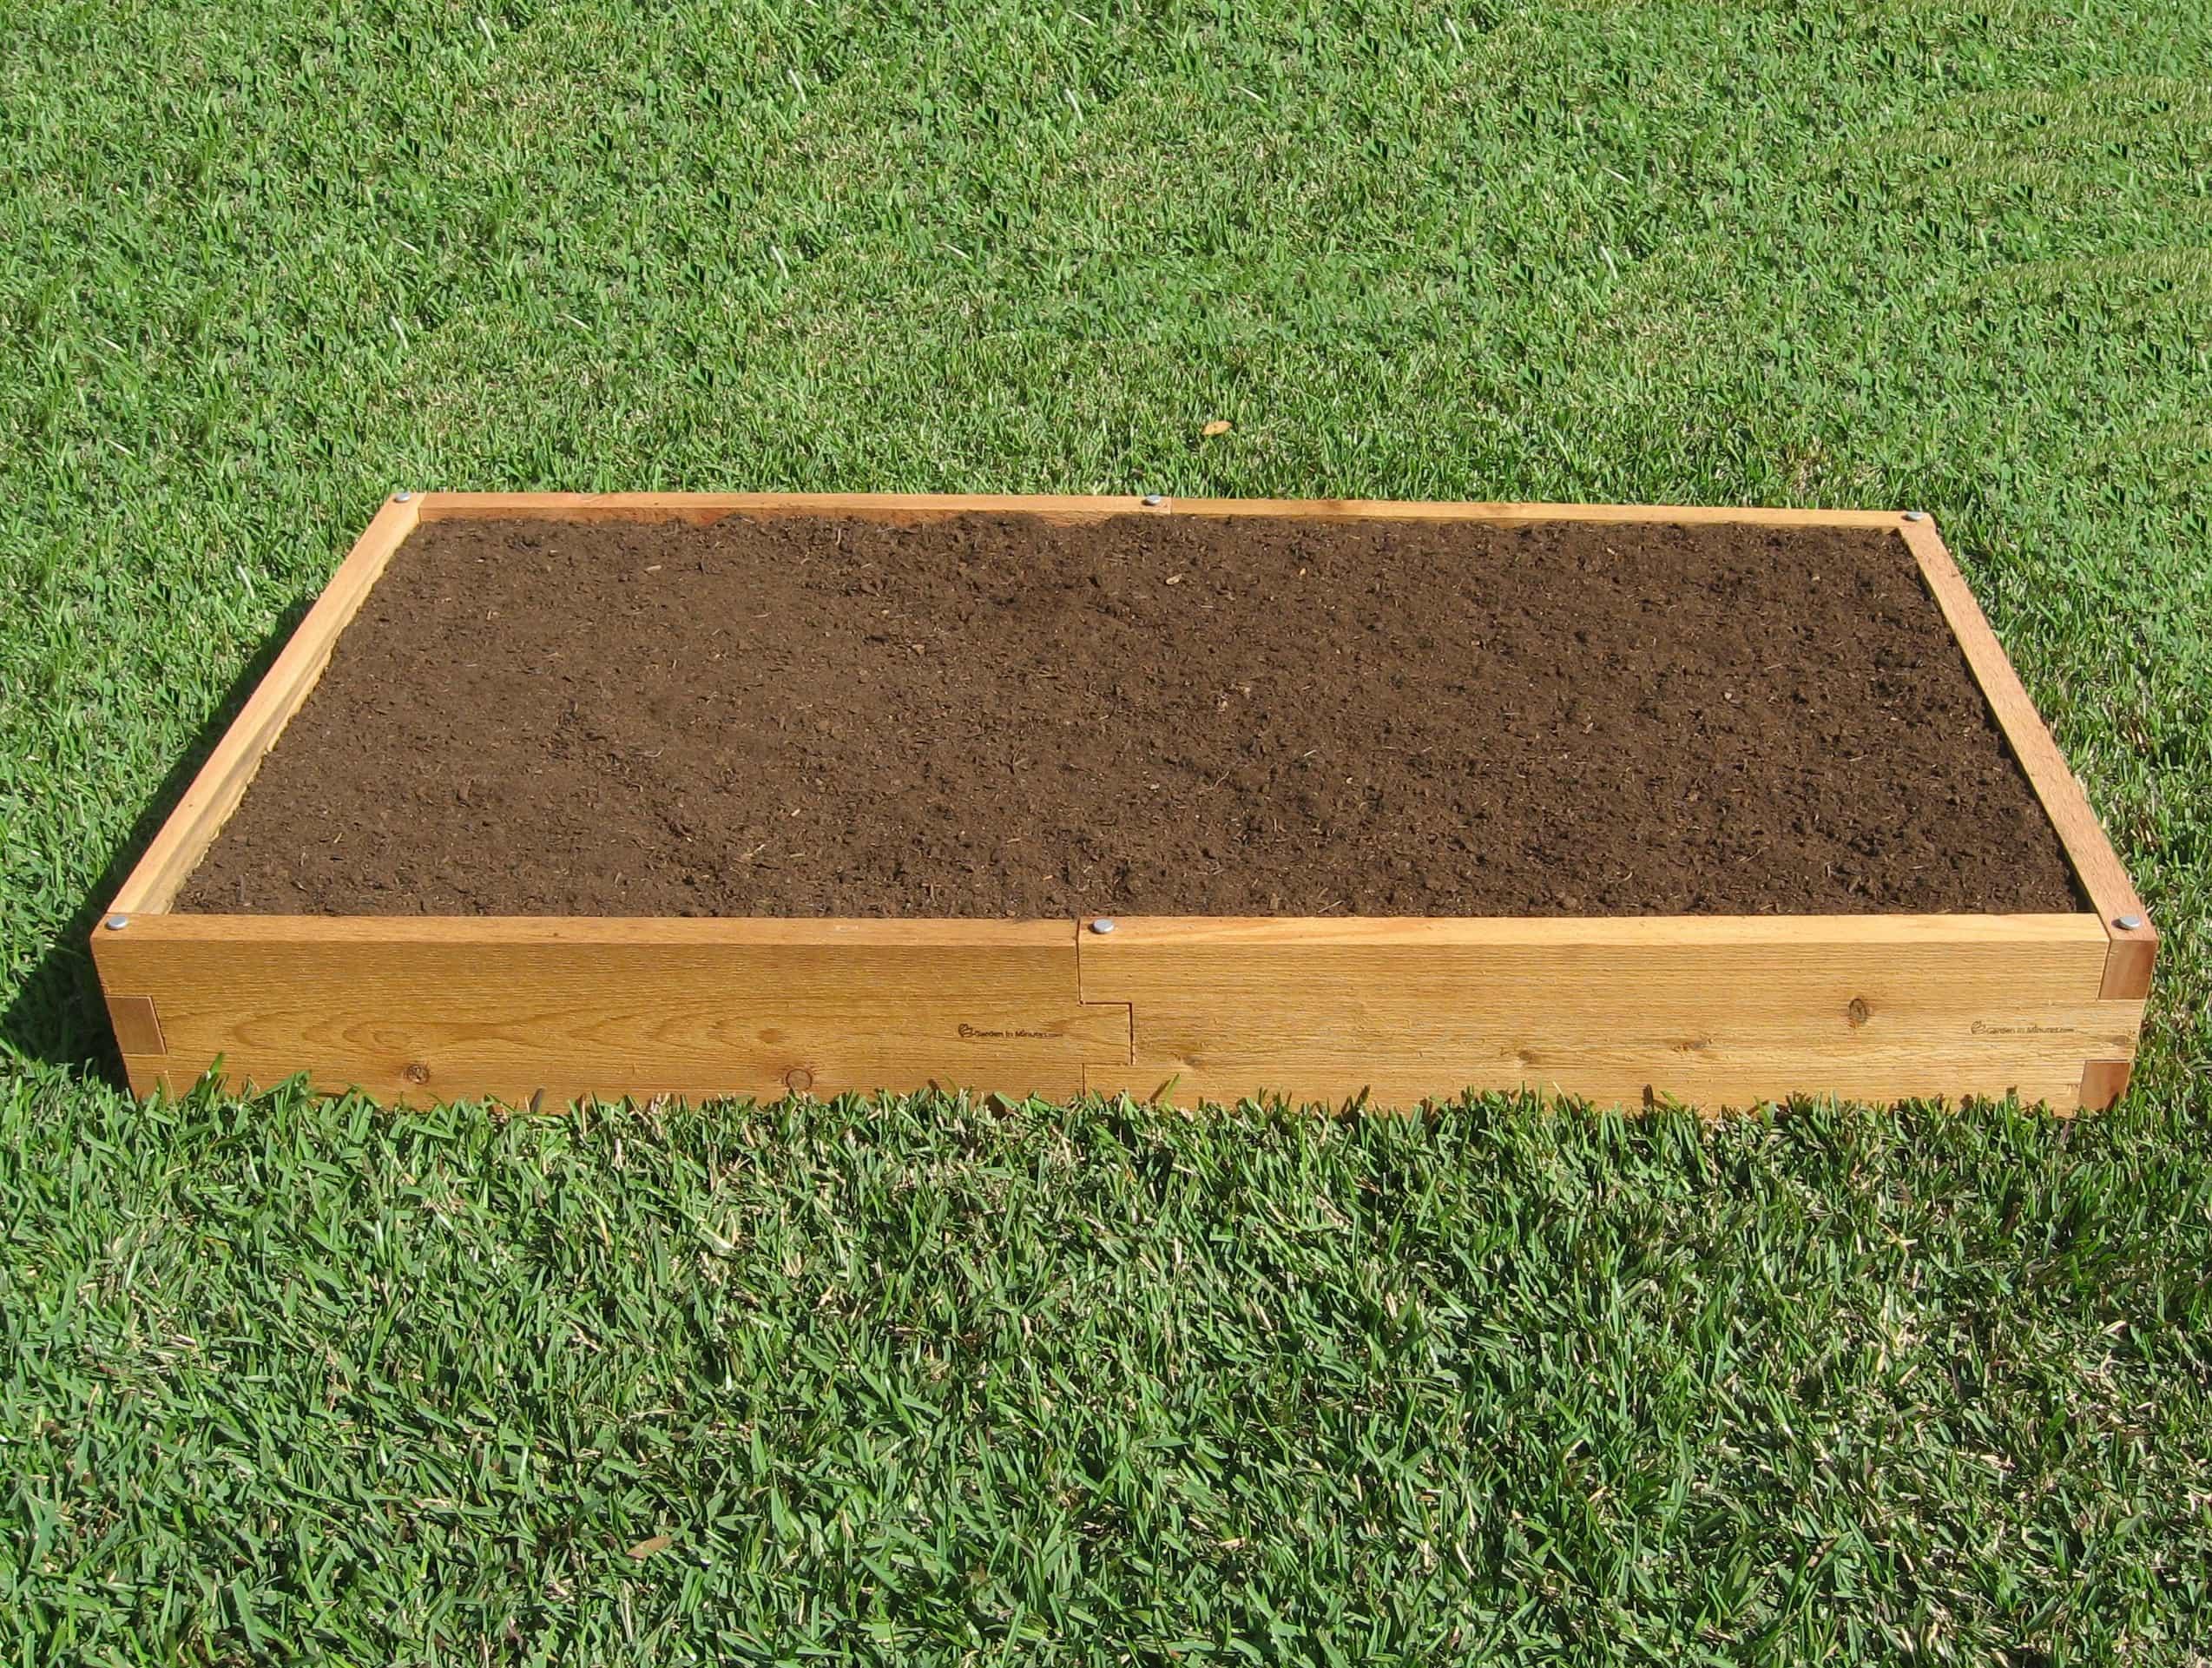 Raised Beds Garden Tools Needed